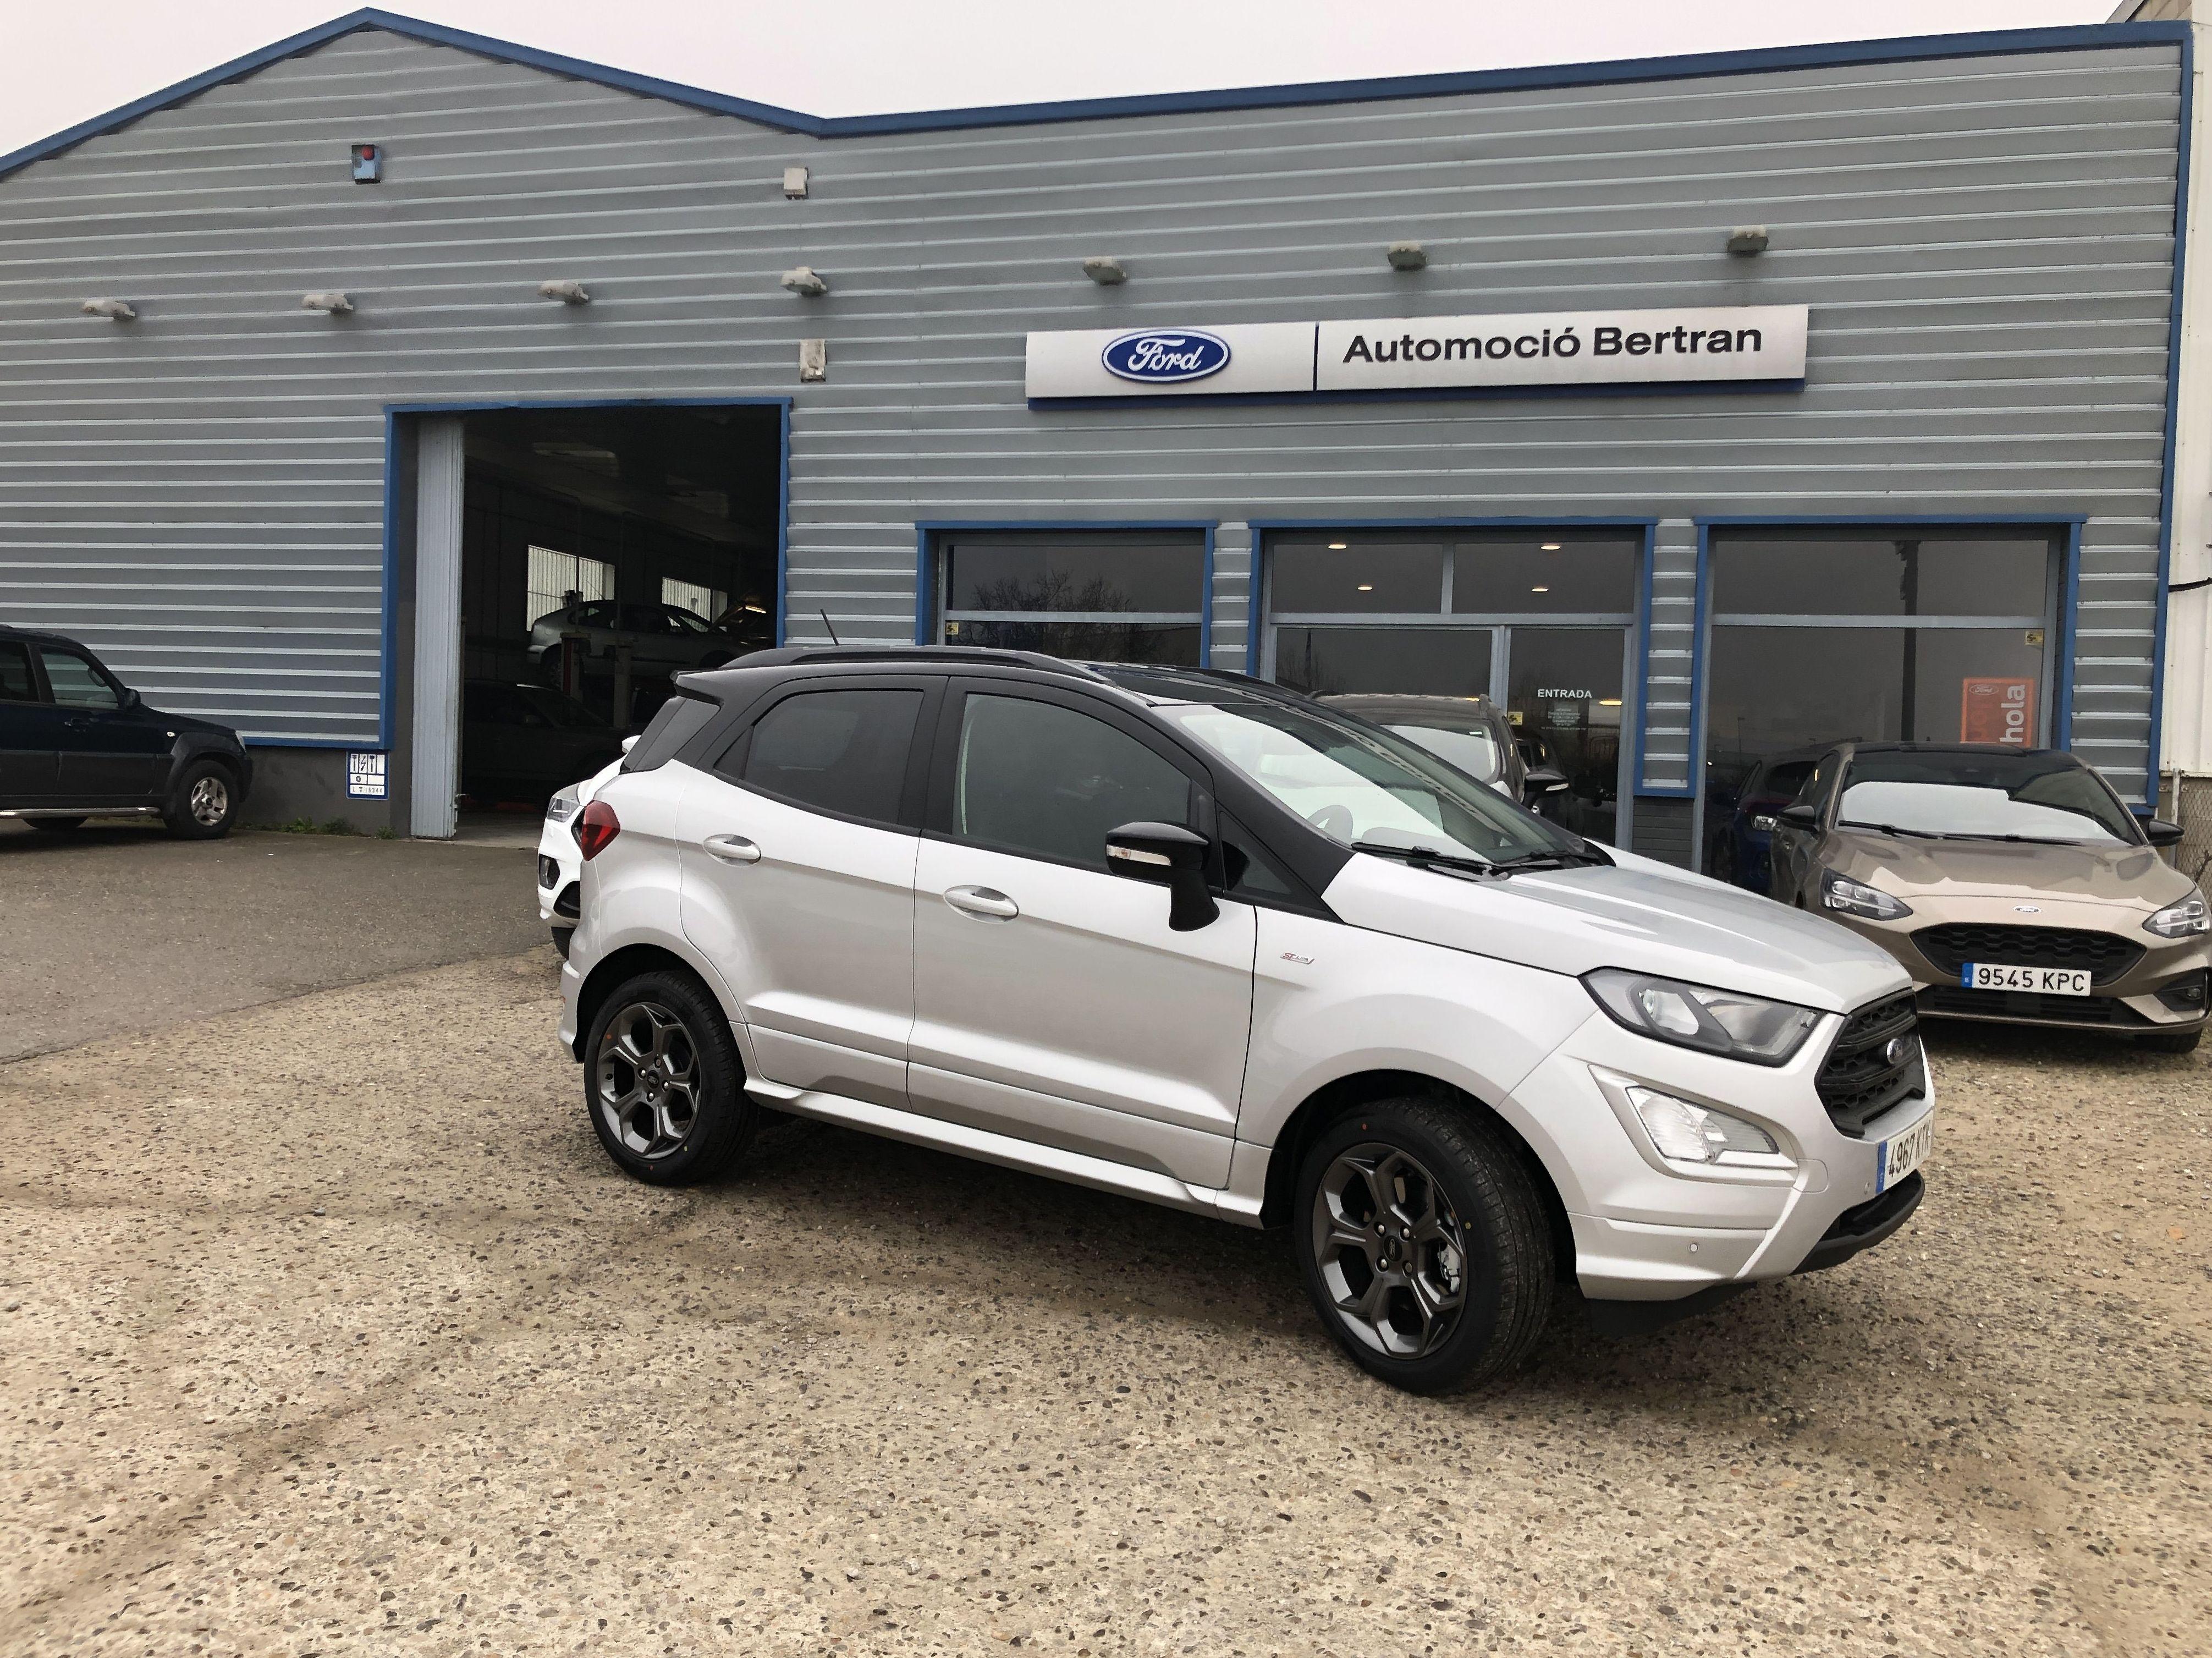 Ford Ecosport ST Line Automatico 20500€: Coches Km 0 y de ocasión de Automoció Bertran S L